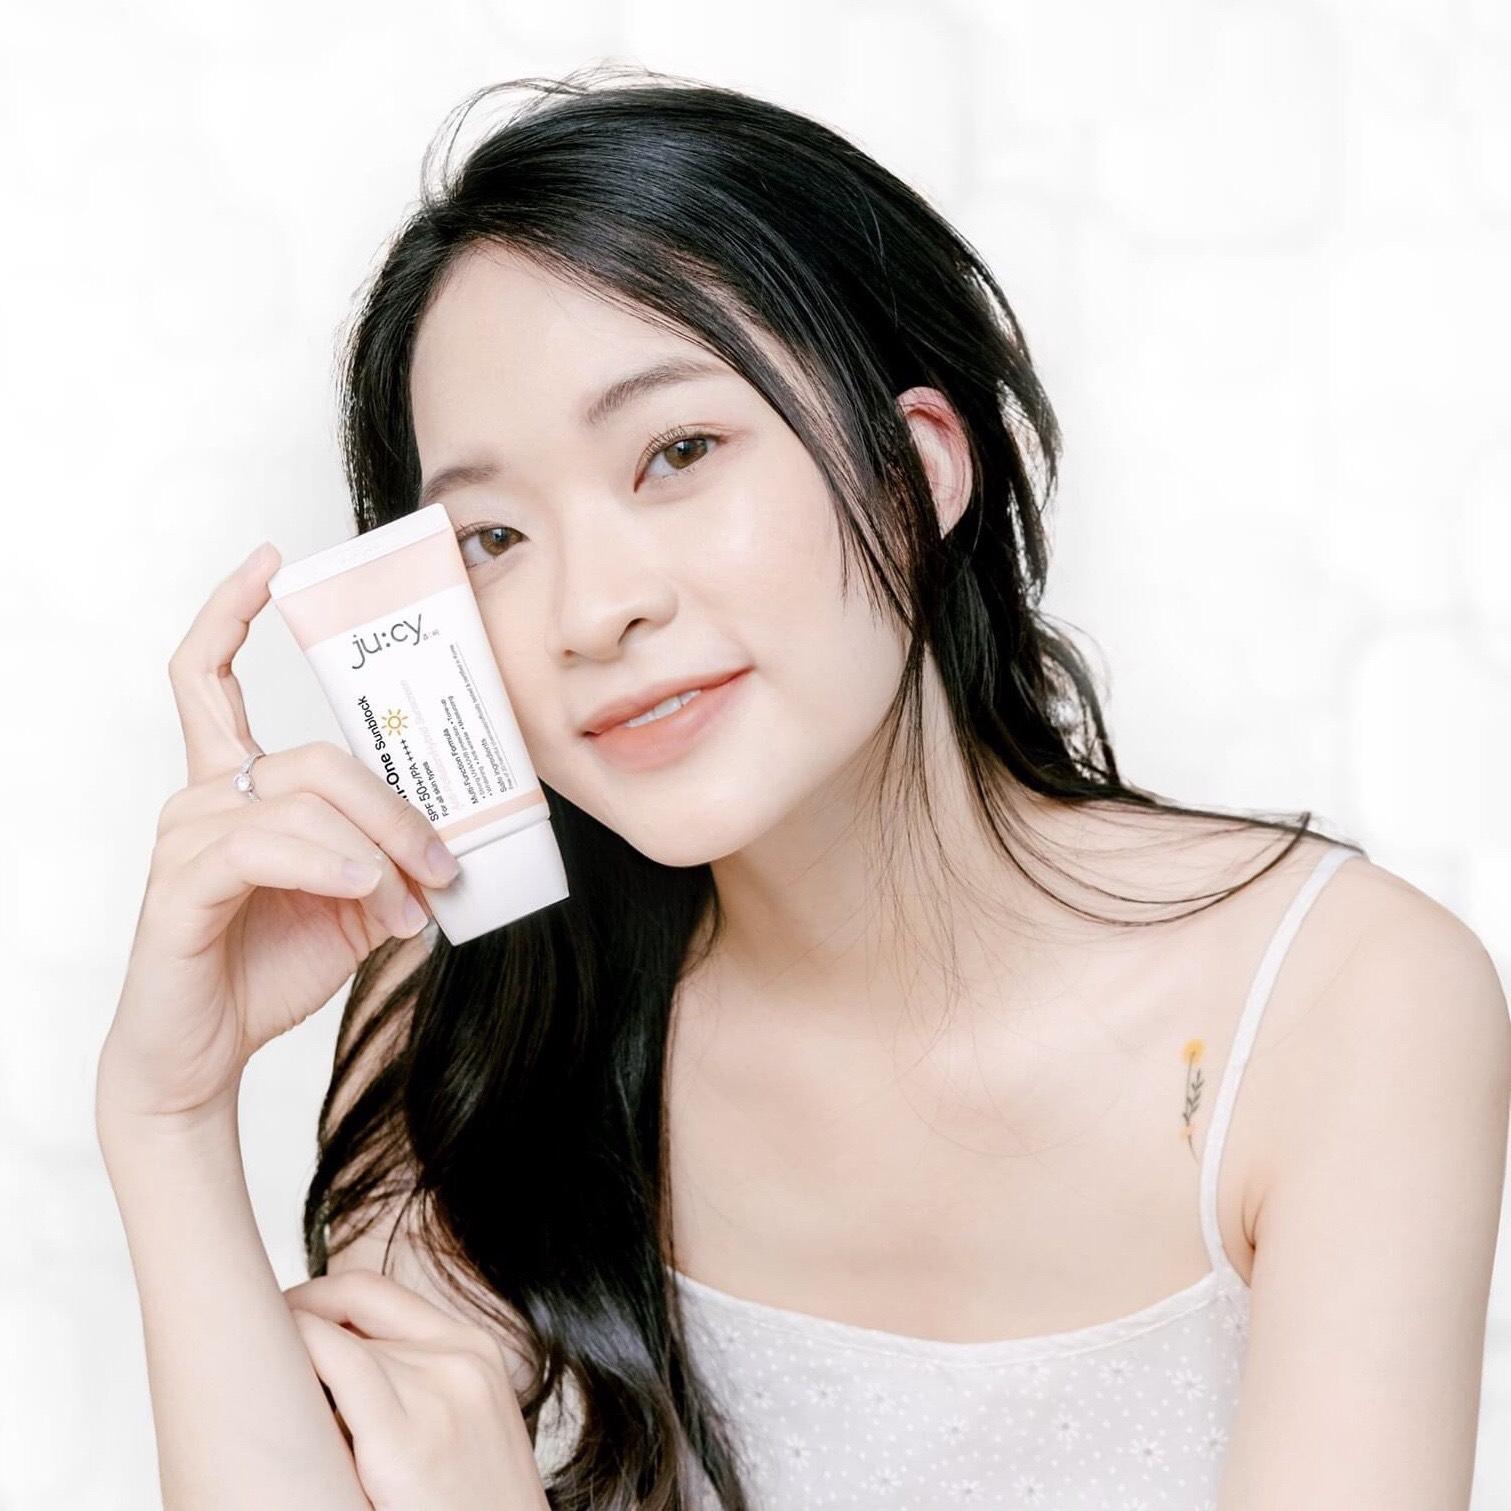 Combo Kem Chống Nắng Hàn Quốc Dưỡng Da Ju:cy All In One Sunblock và 5 Mặt Nạ Ju:cy Cooltox Mask